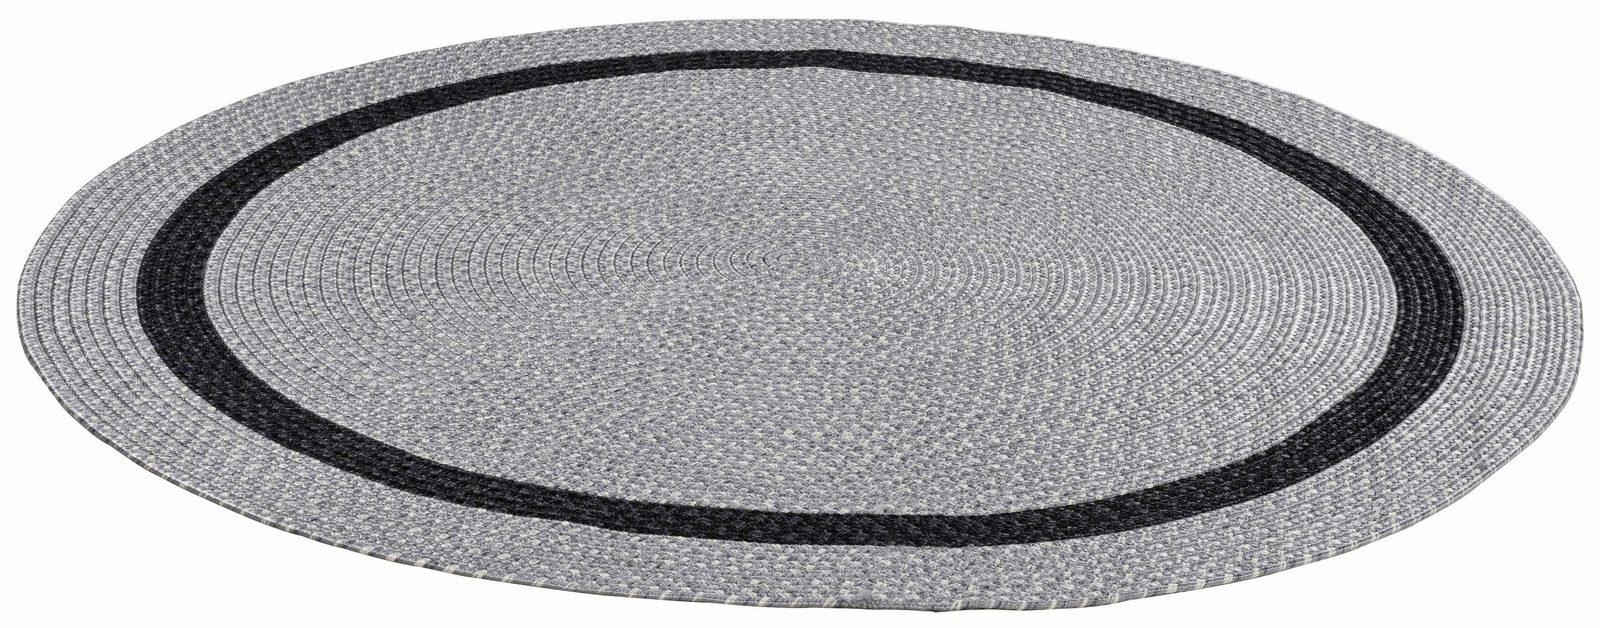 Teppich »Benito«, THEKO, rund, Höhe 6 mm